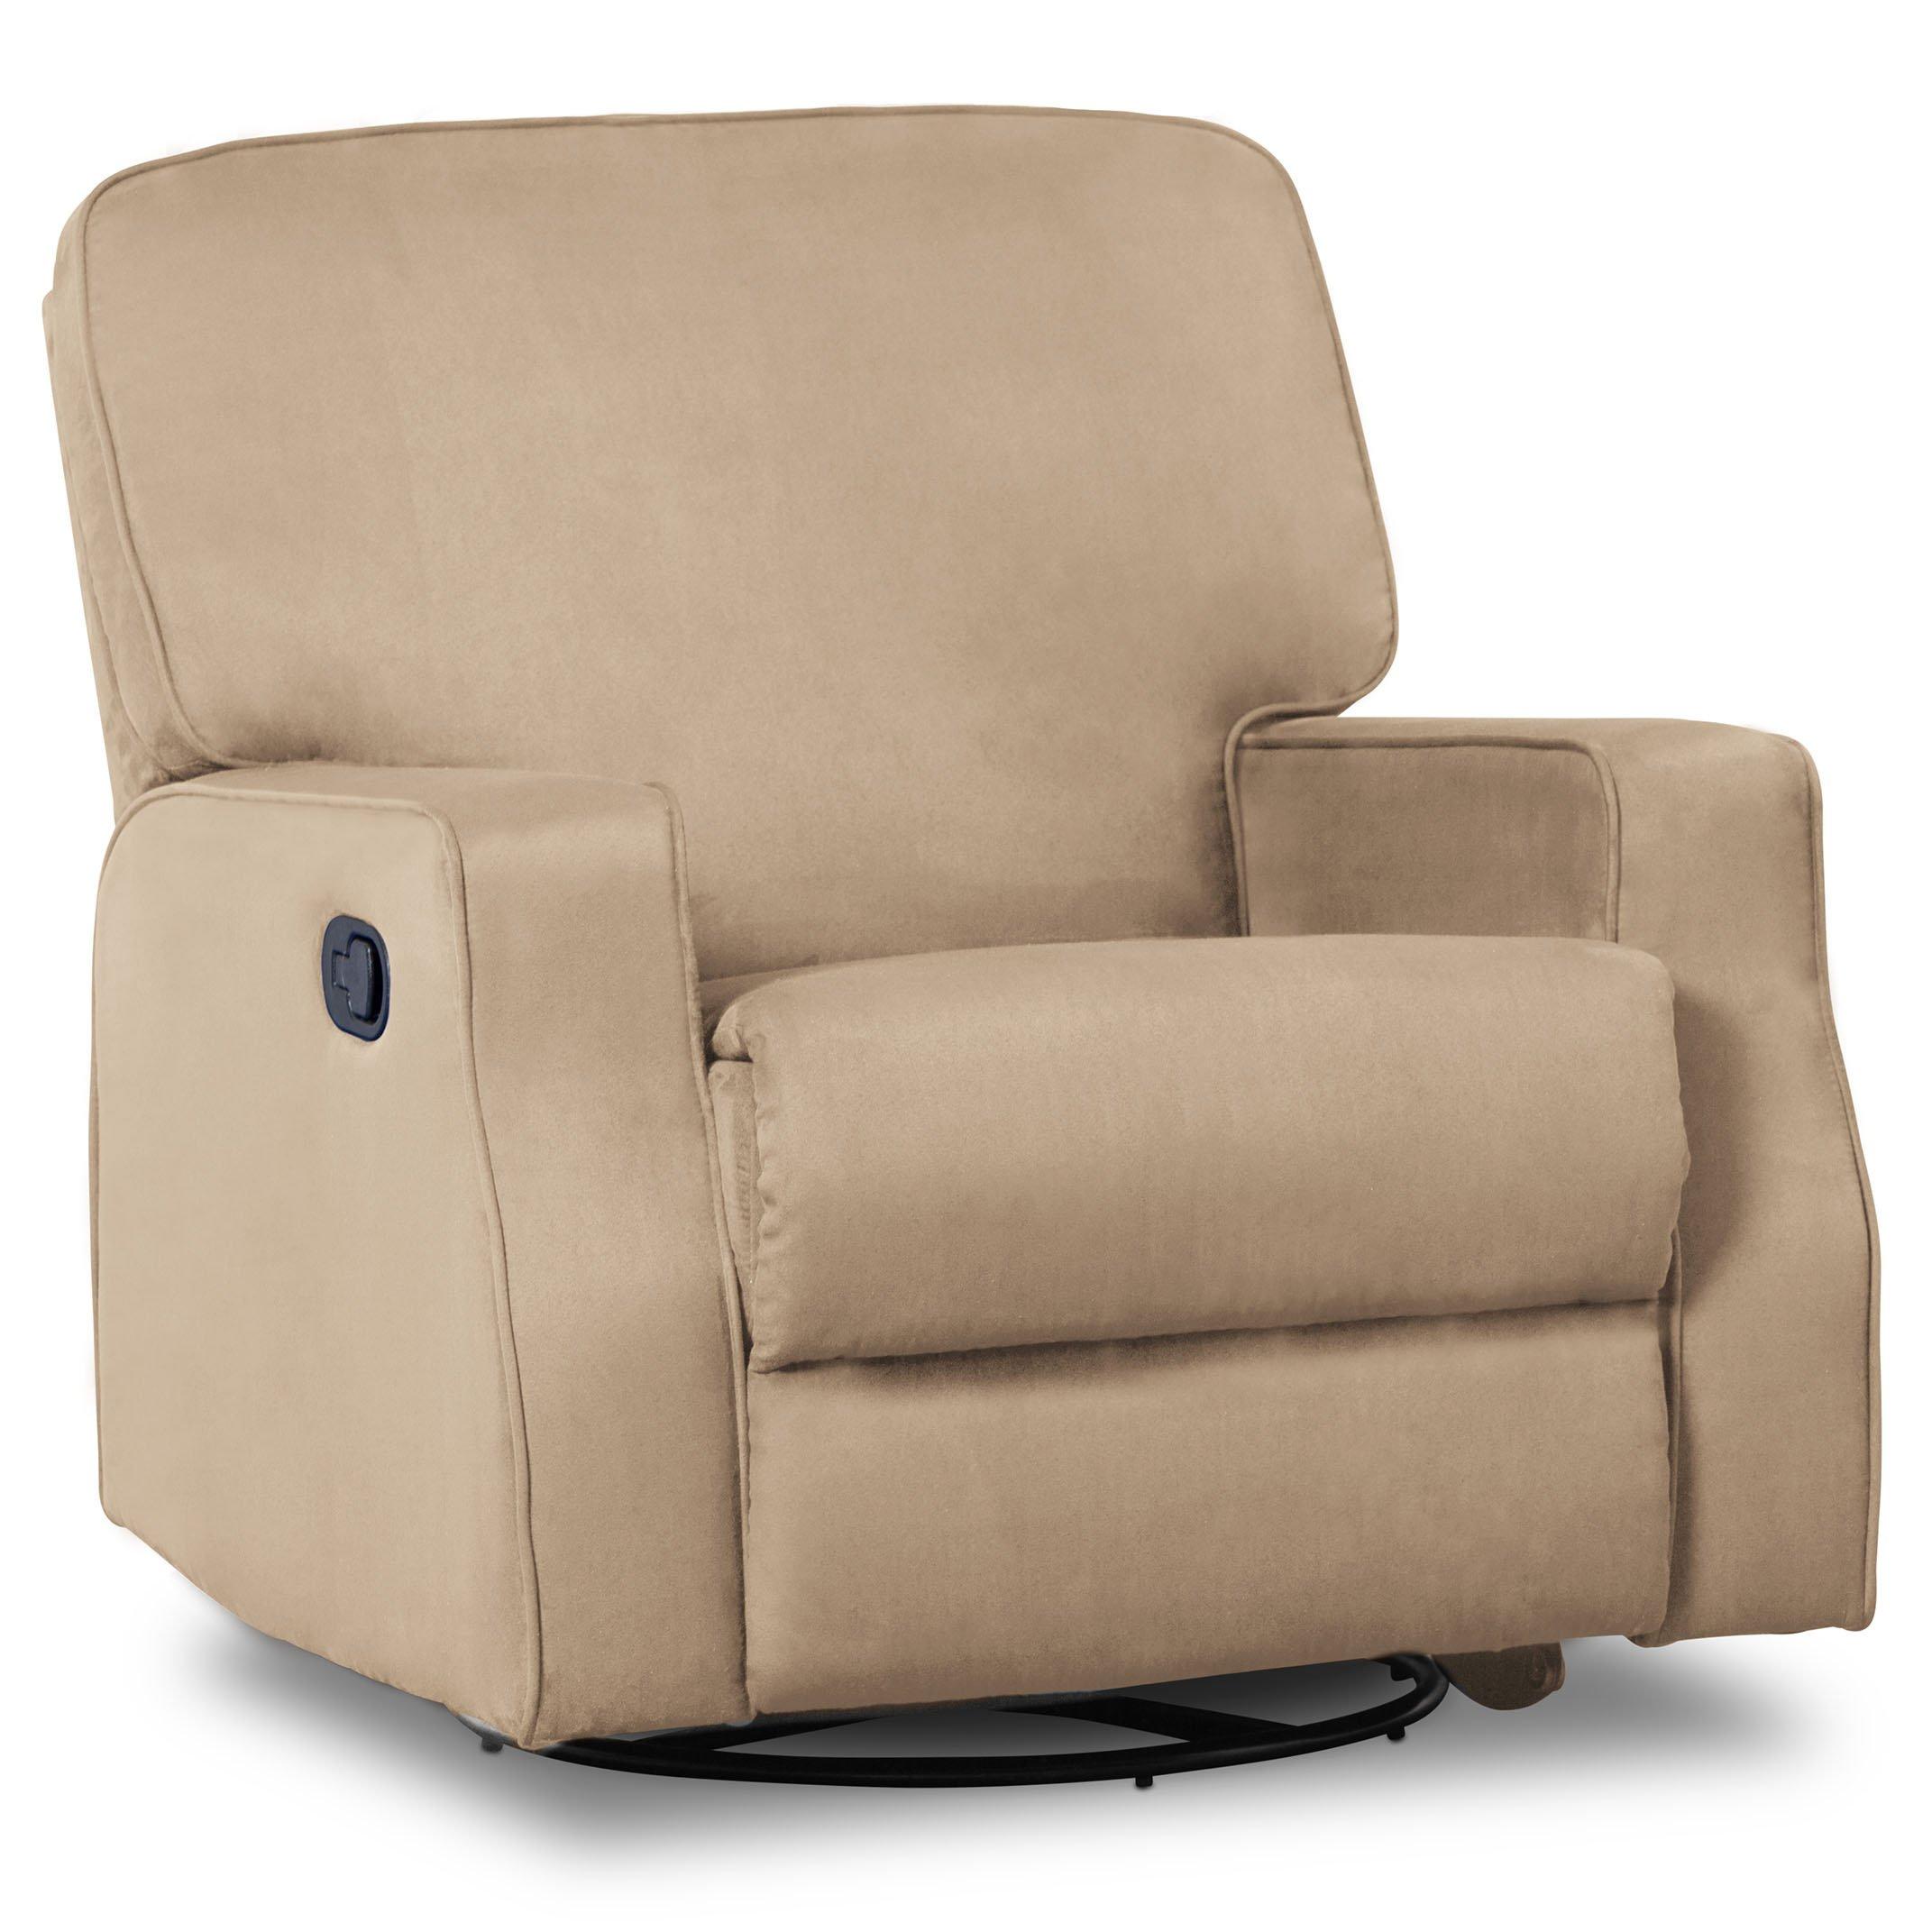 Delta Children Caleb Nursery Recliner Glider Swivel Chair, Beige